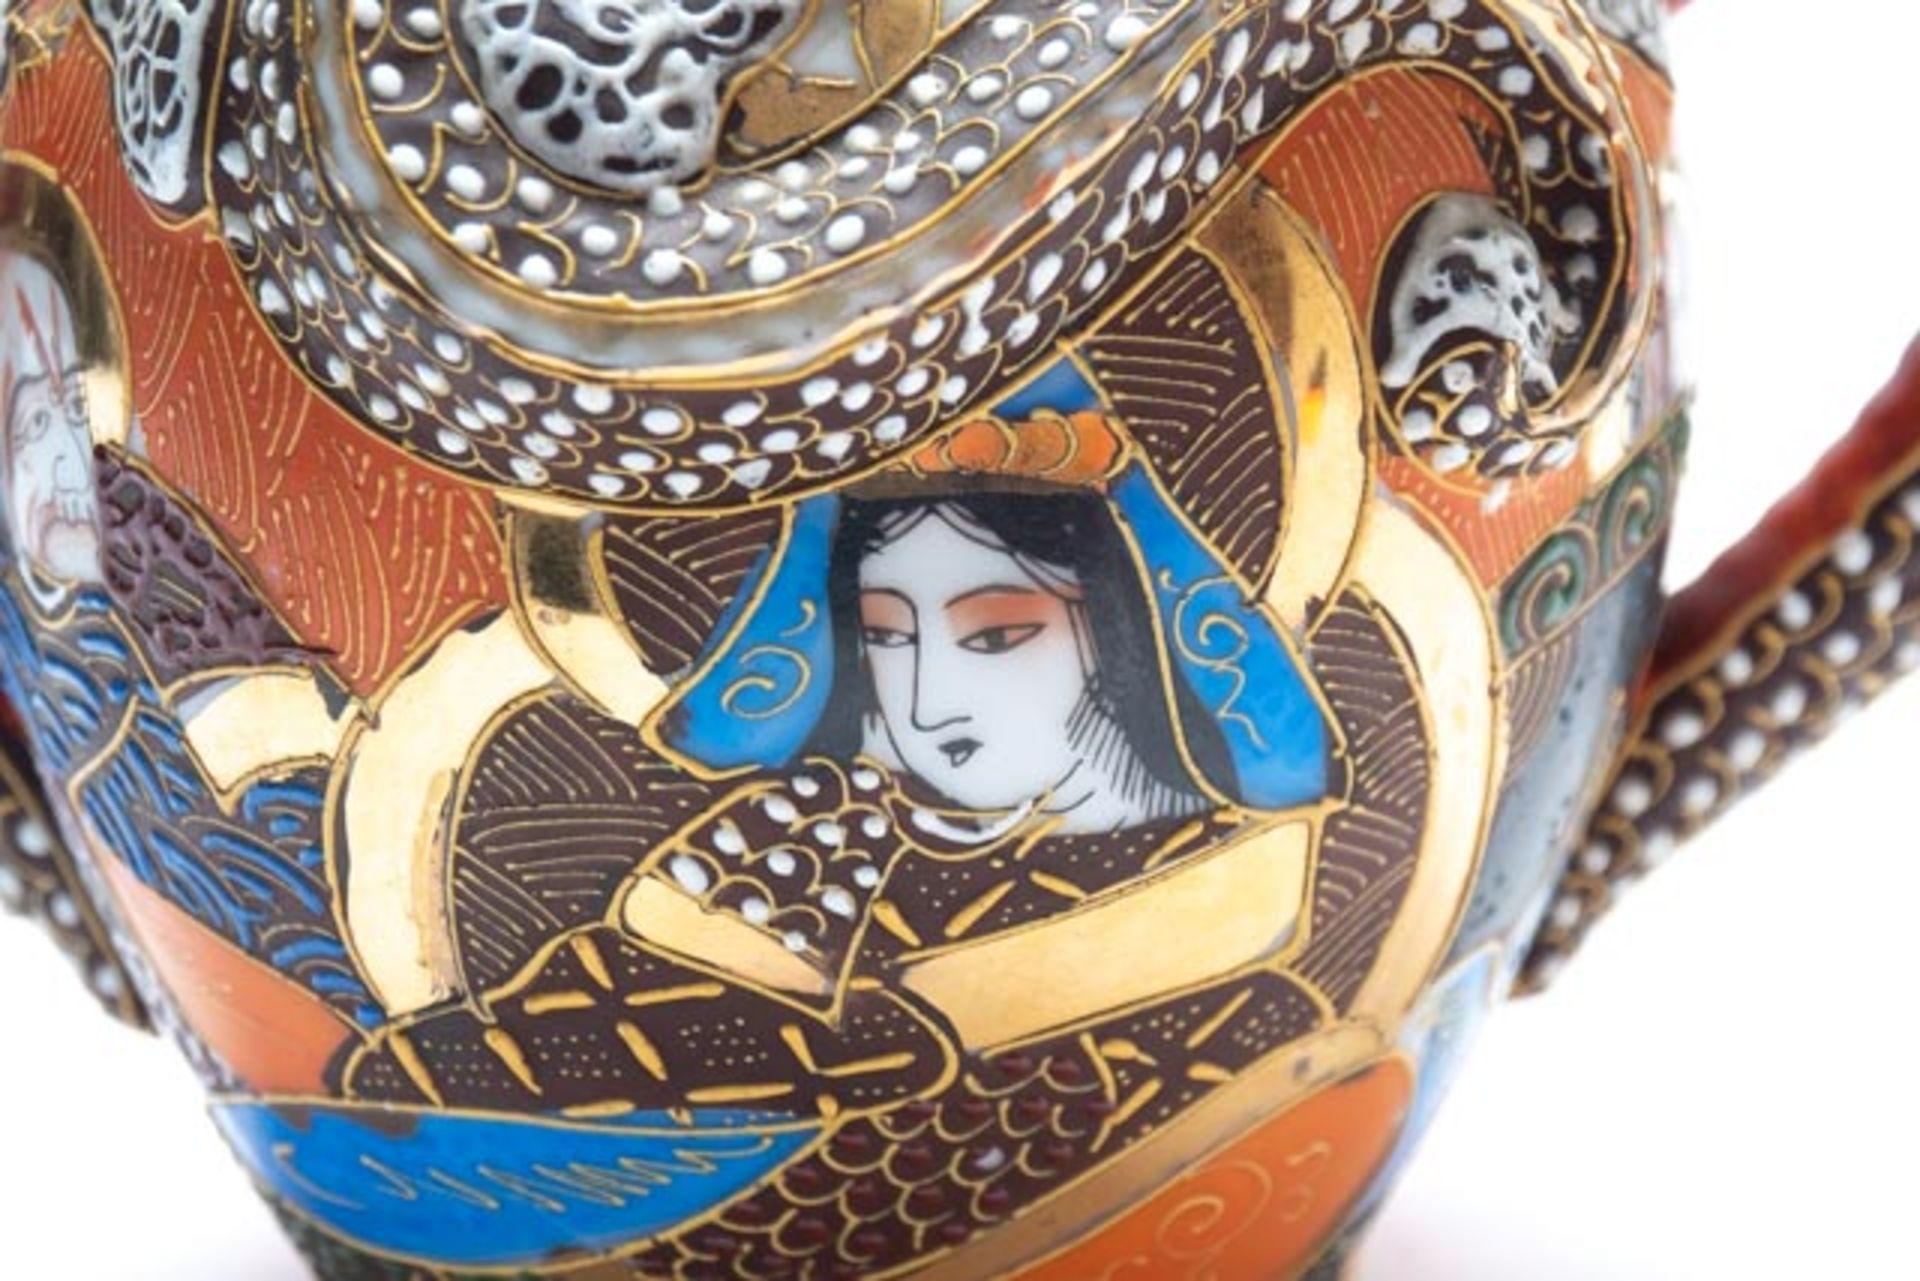 Prunkvolle asiatische Deckeldose - Image 9 of 14